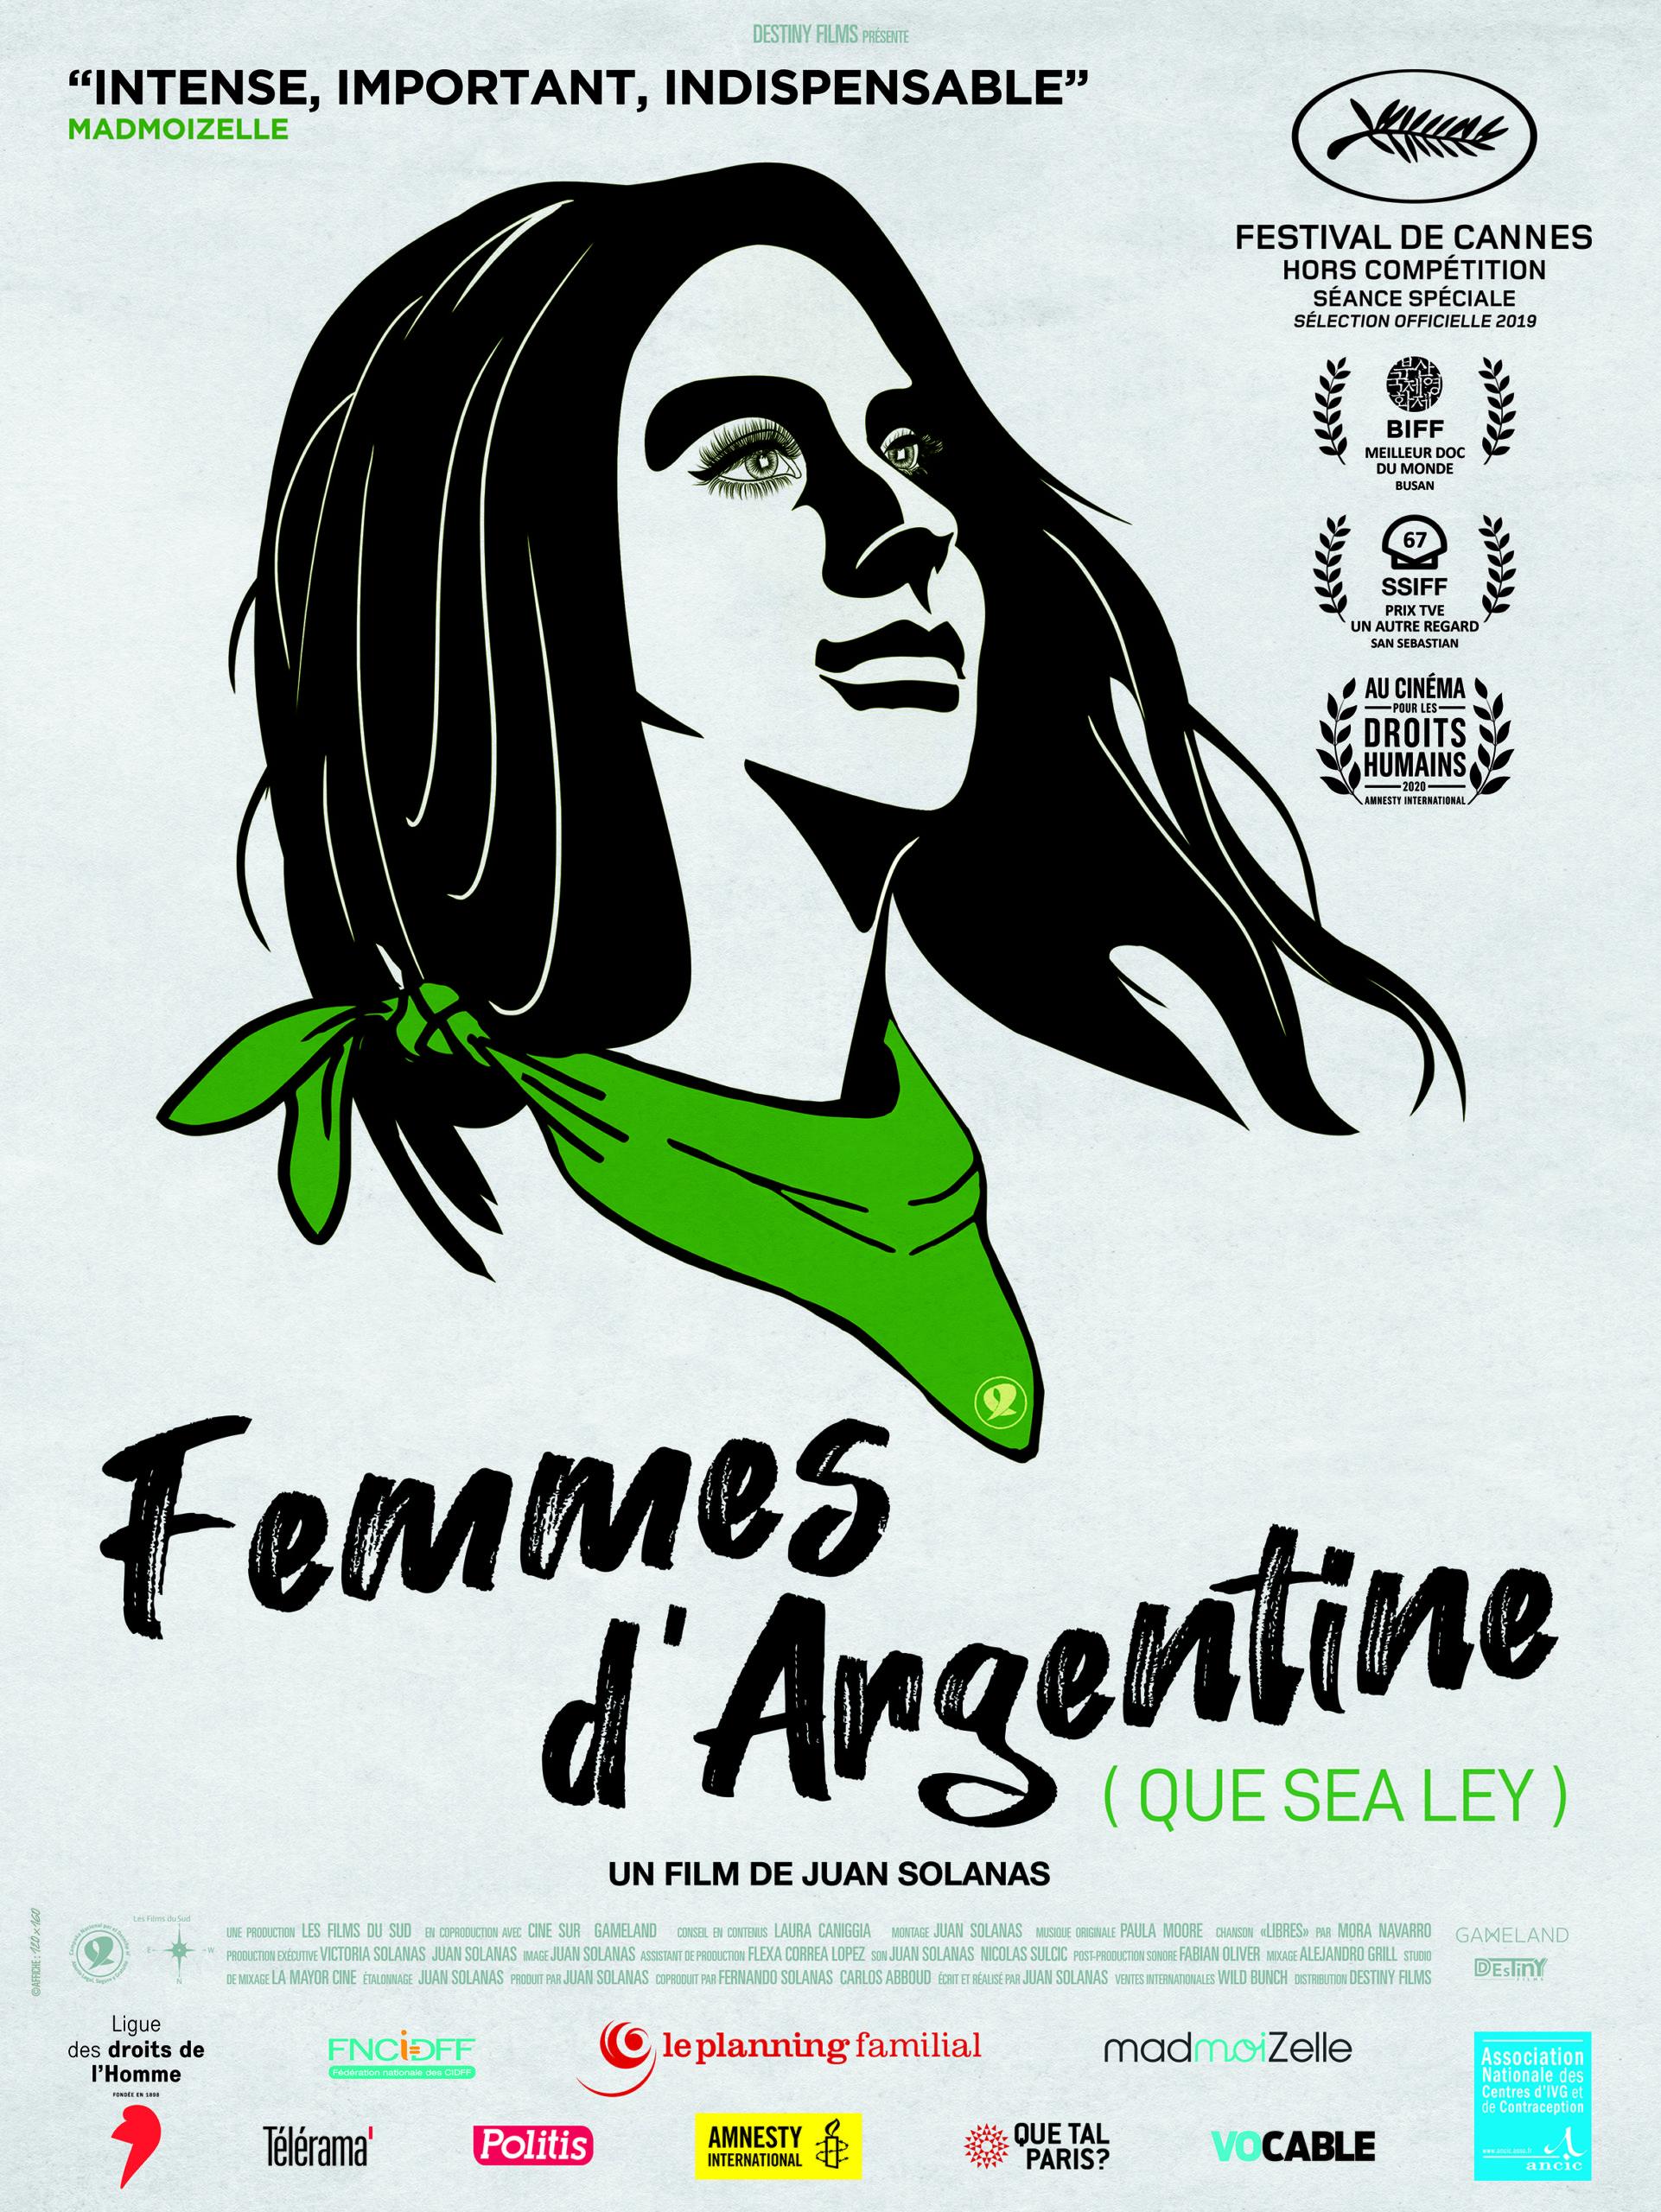 Projection-débat : Femmes d'Argentine (Que sea ley)